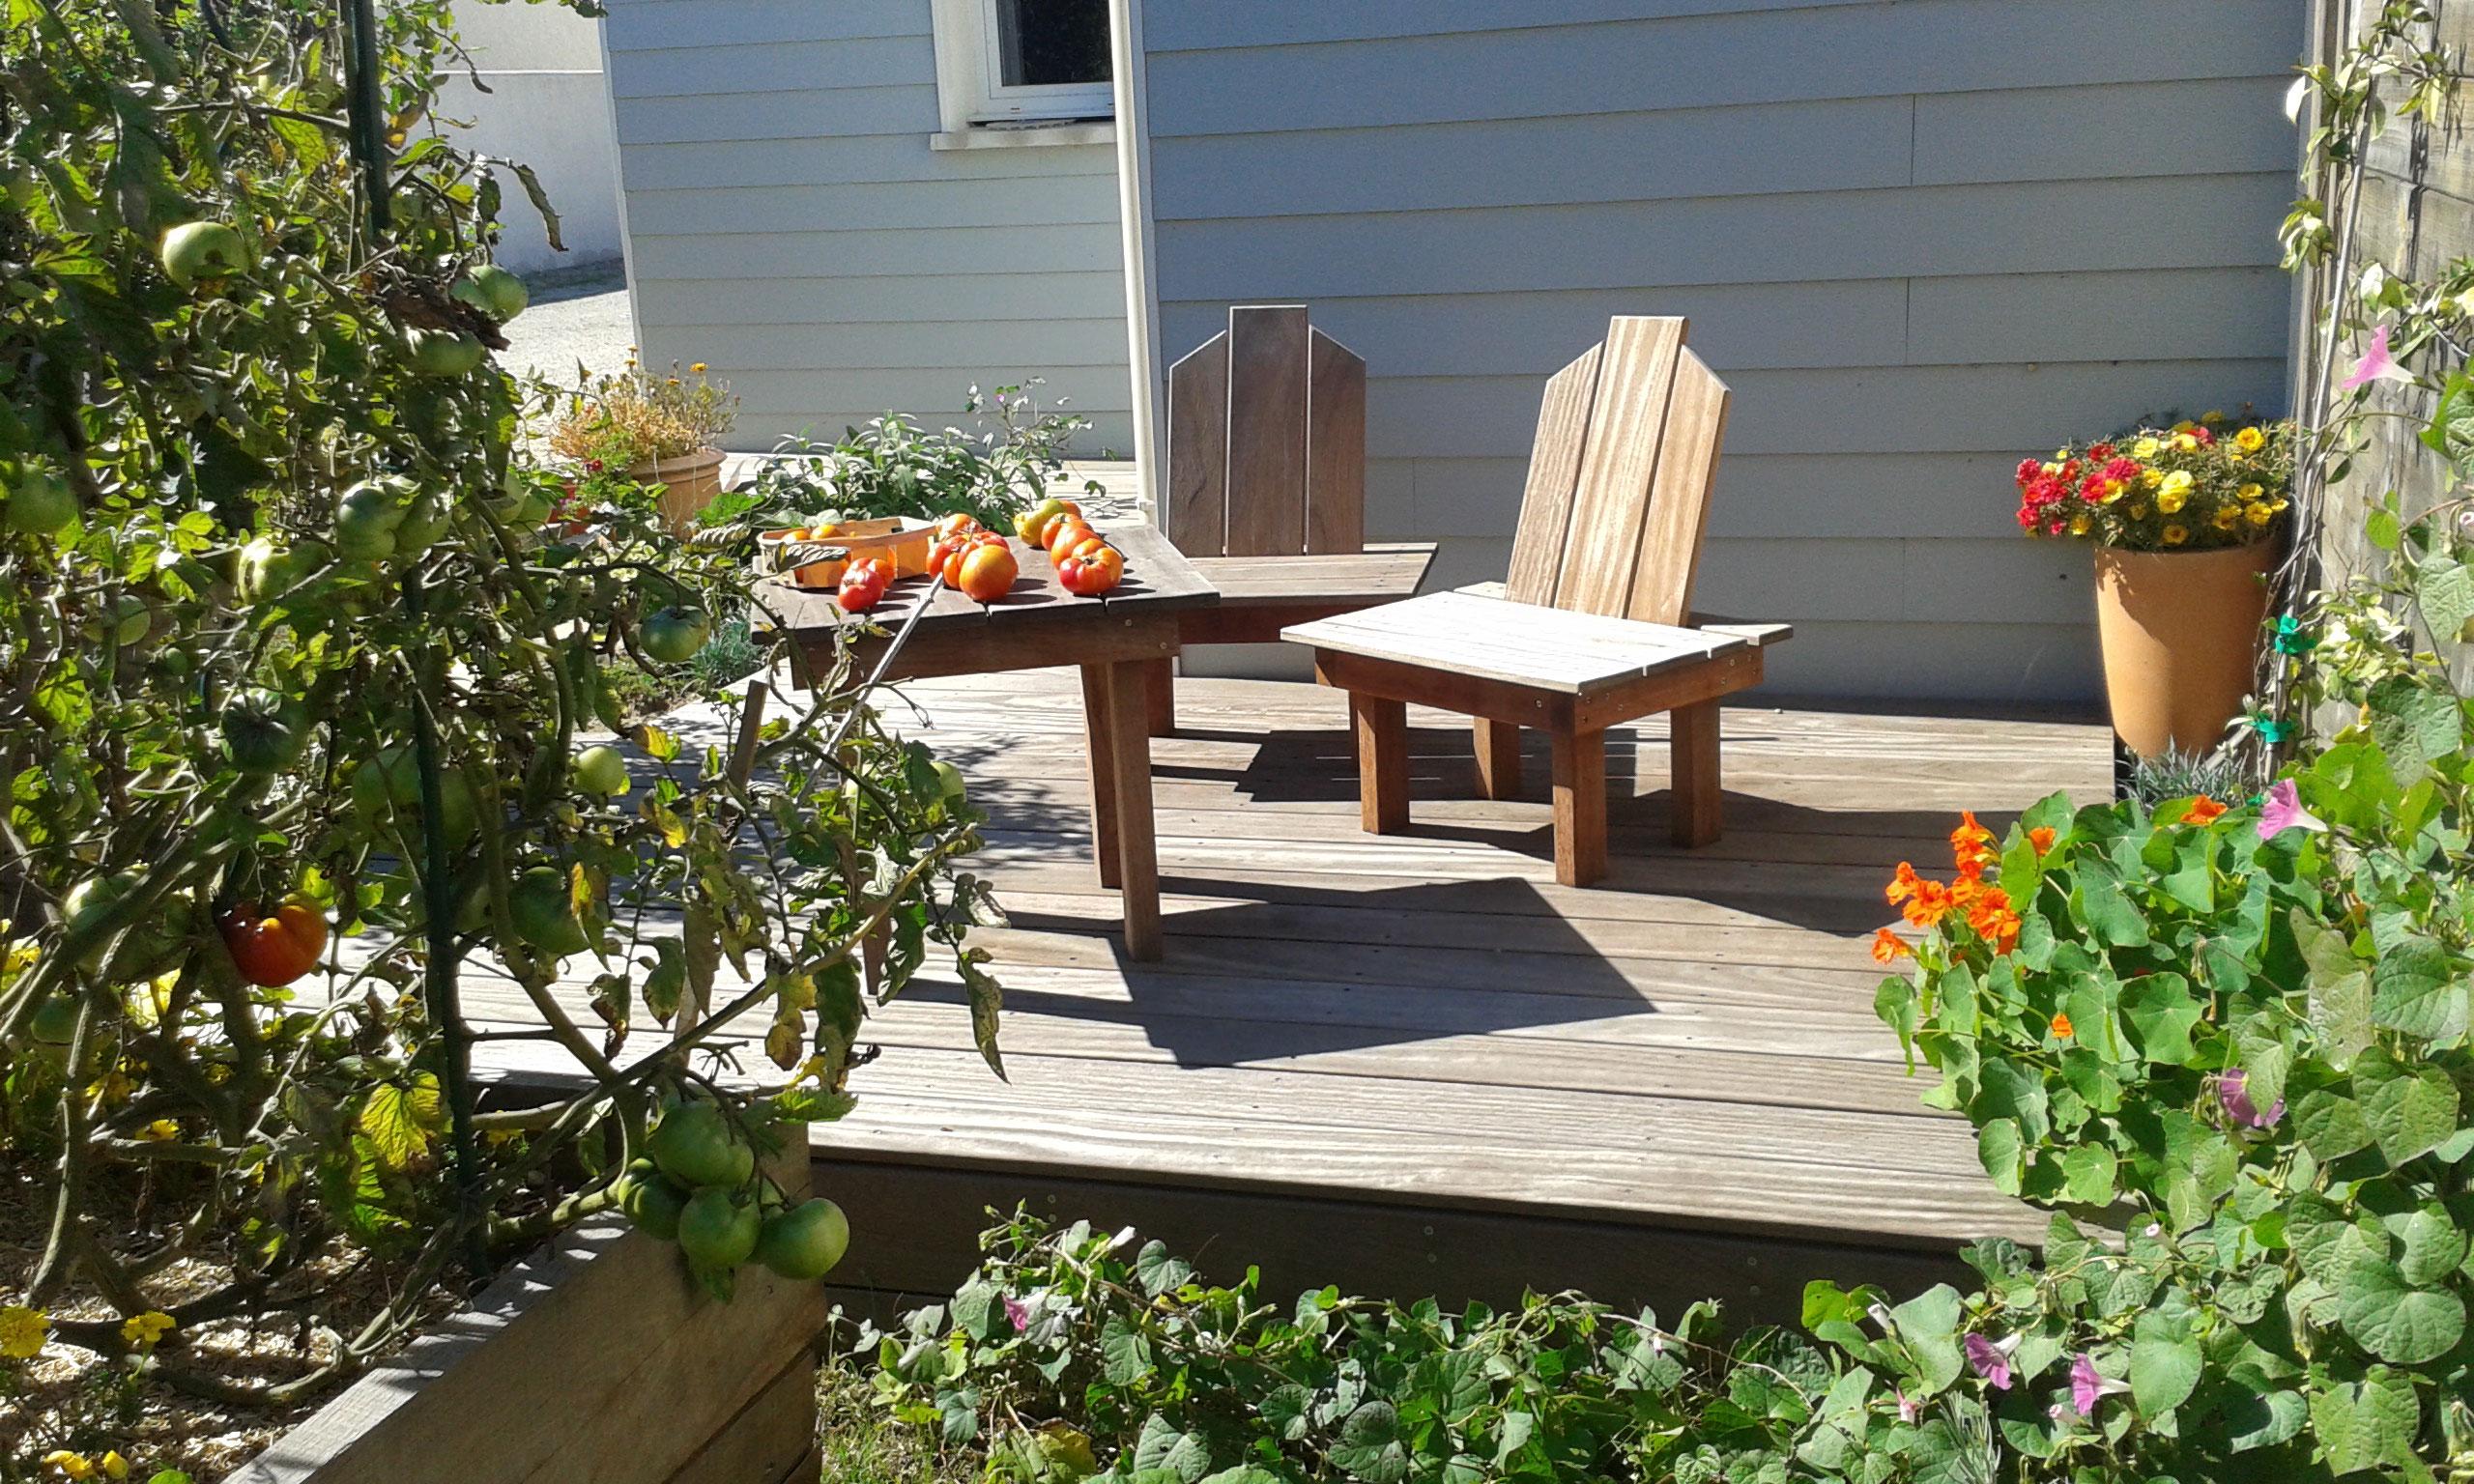 divers jardins paysagiste conseil 17. Black Bedroom Furniture Sets. Home Design Ideas